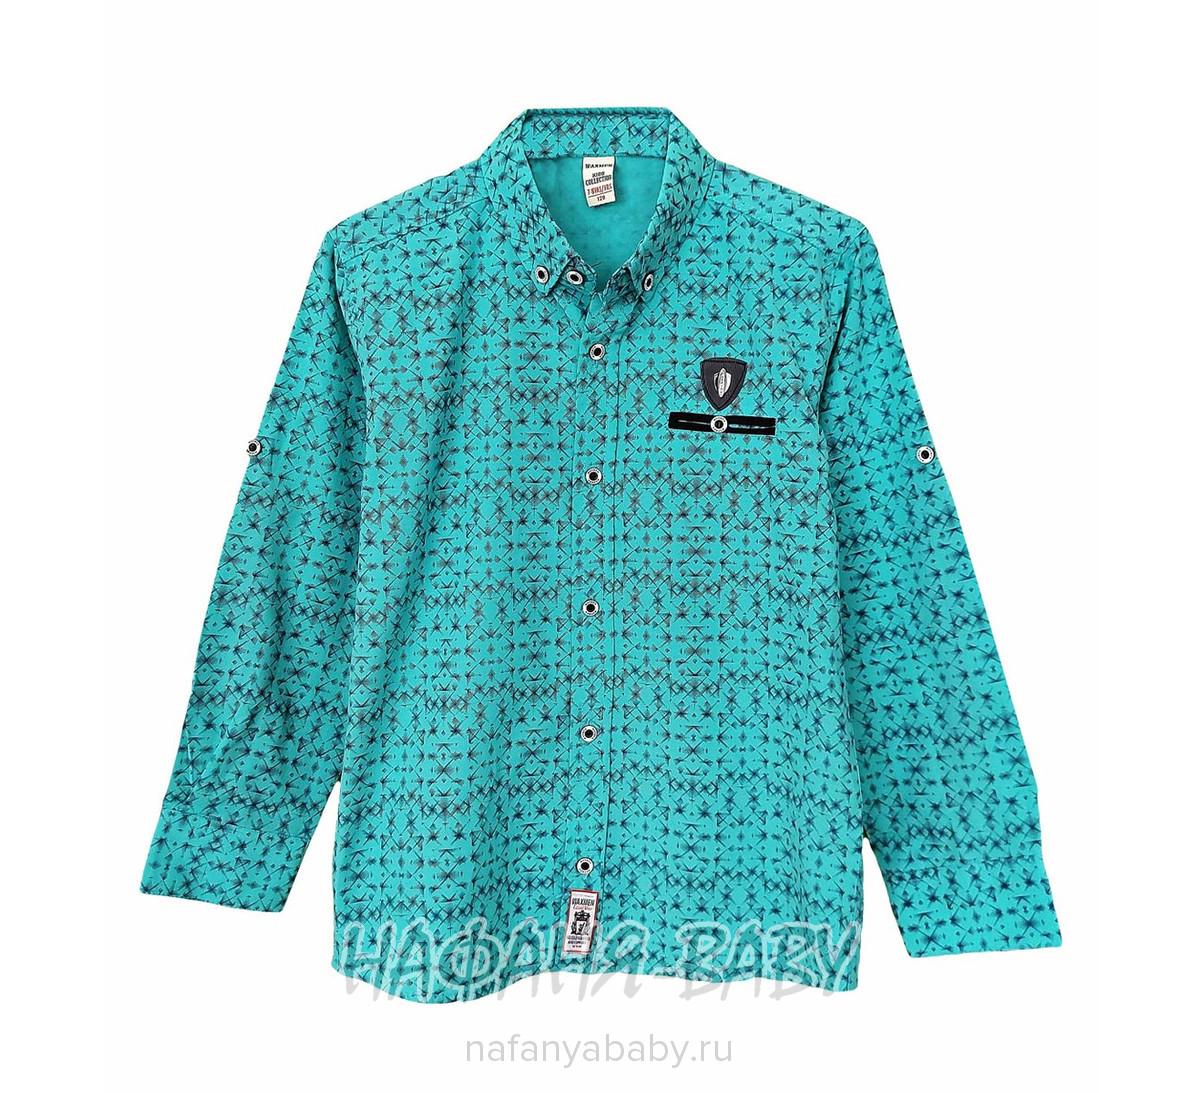 Детская рубашка WAXMEN арт: 5122, 1-4 года, цвет бирюзовый, оптом Турция